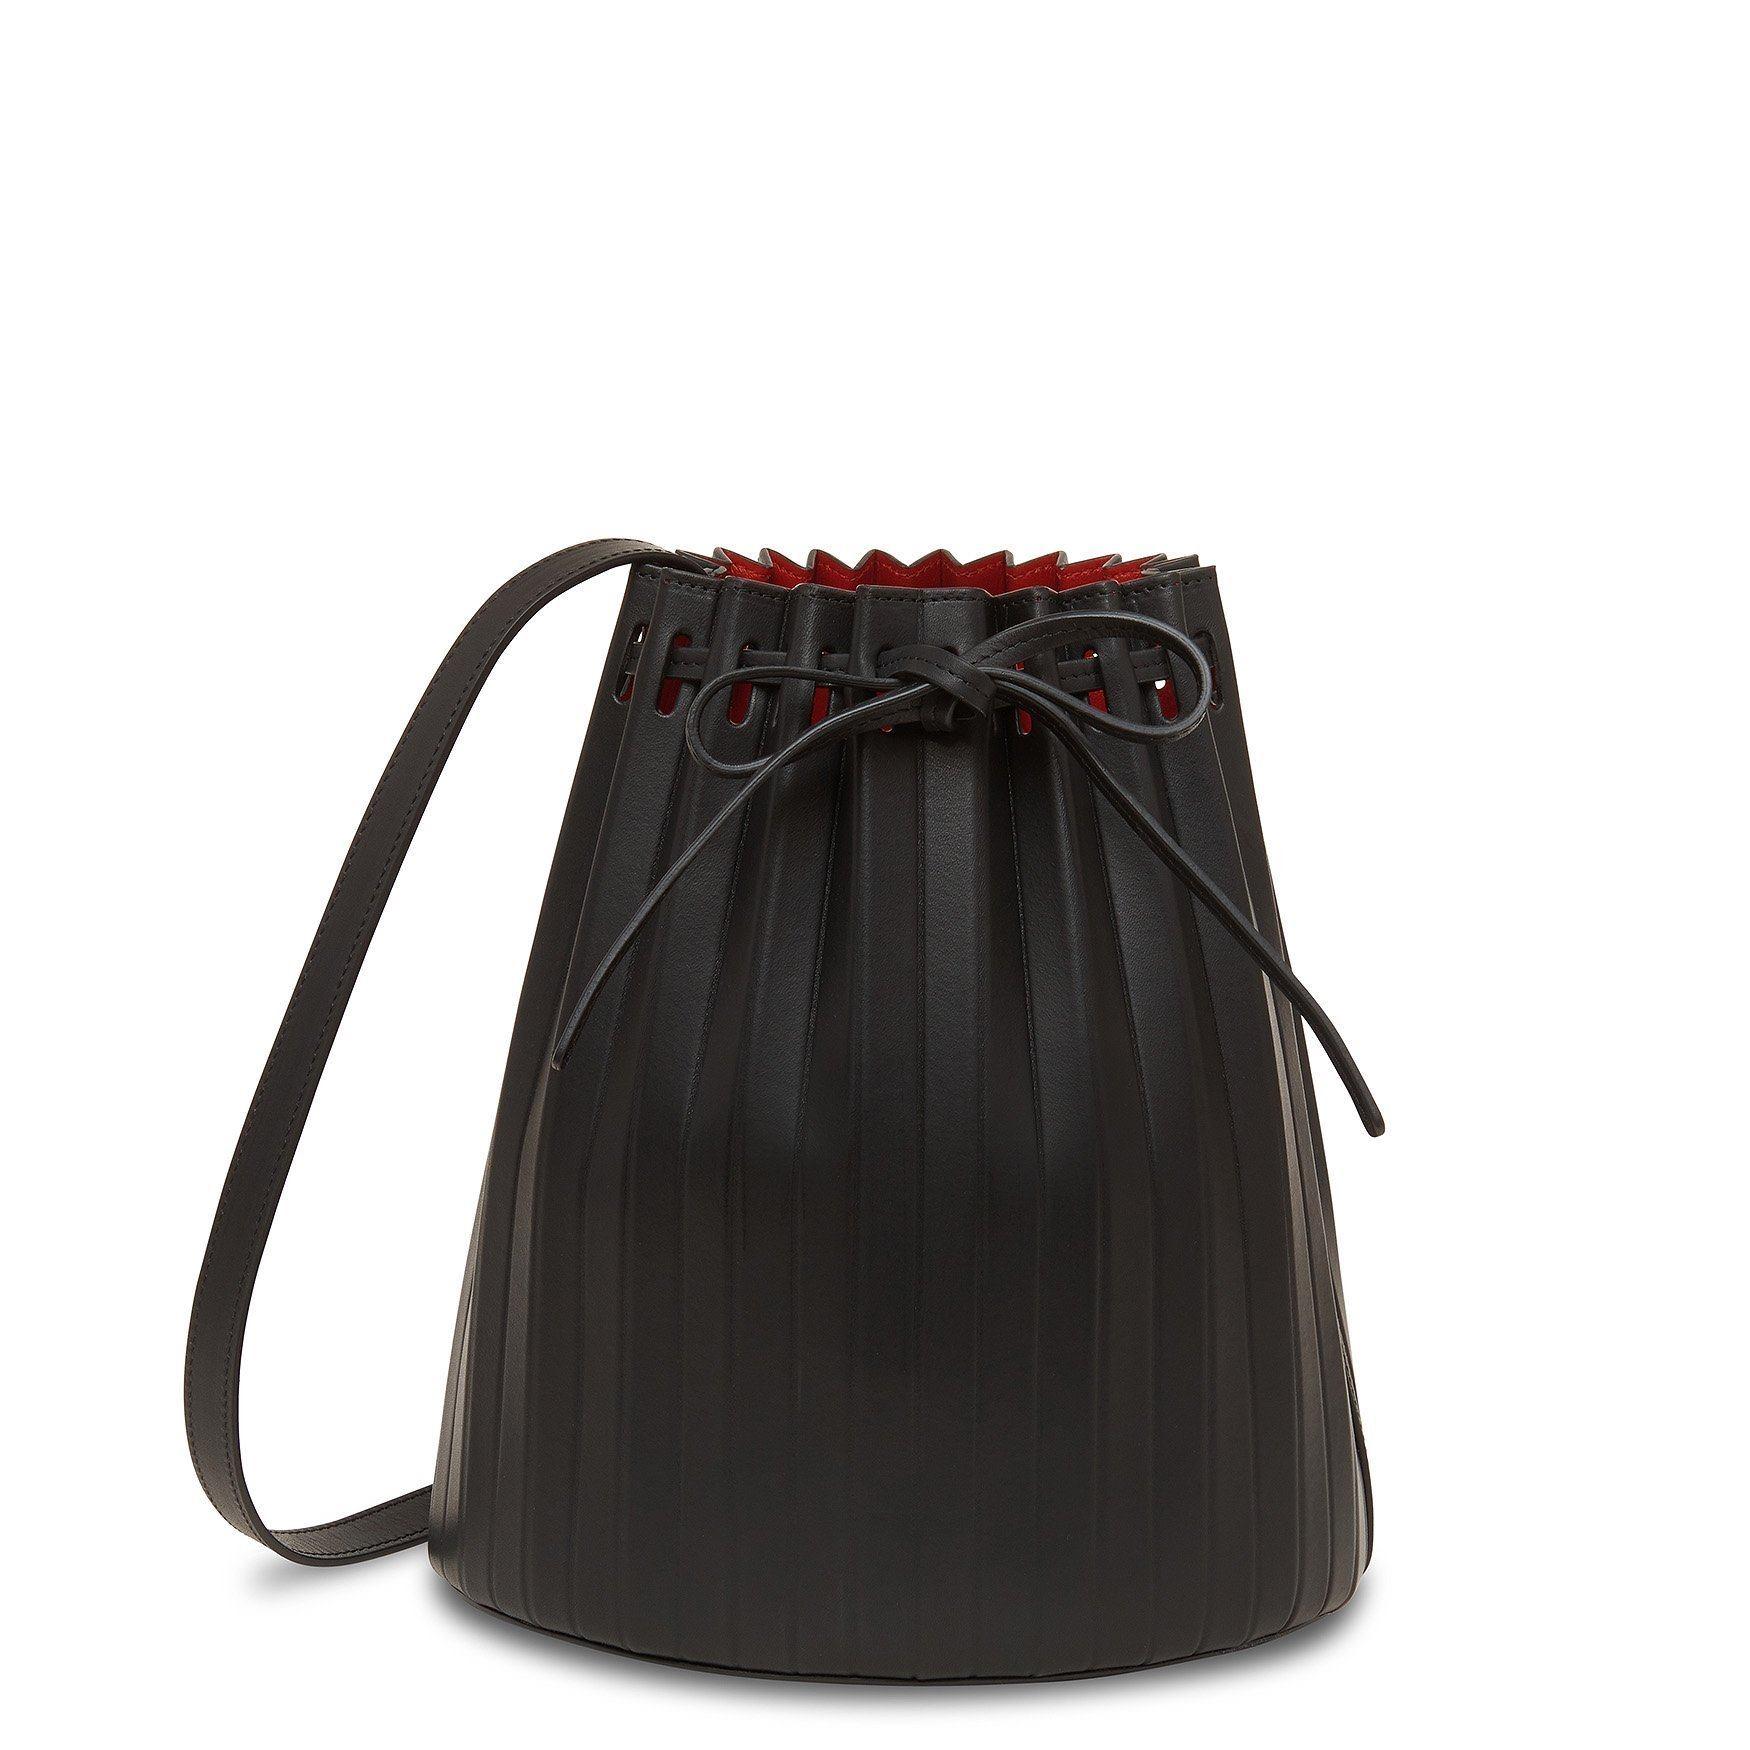 Black Pleated Bucket Bag - Flamma